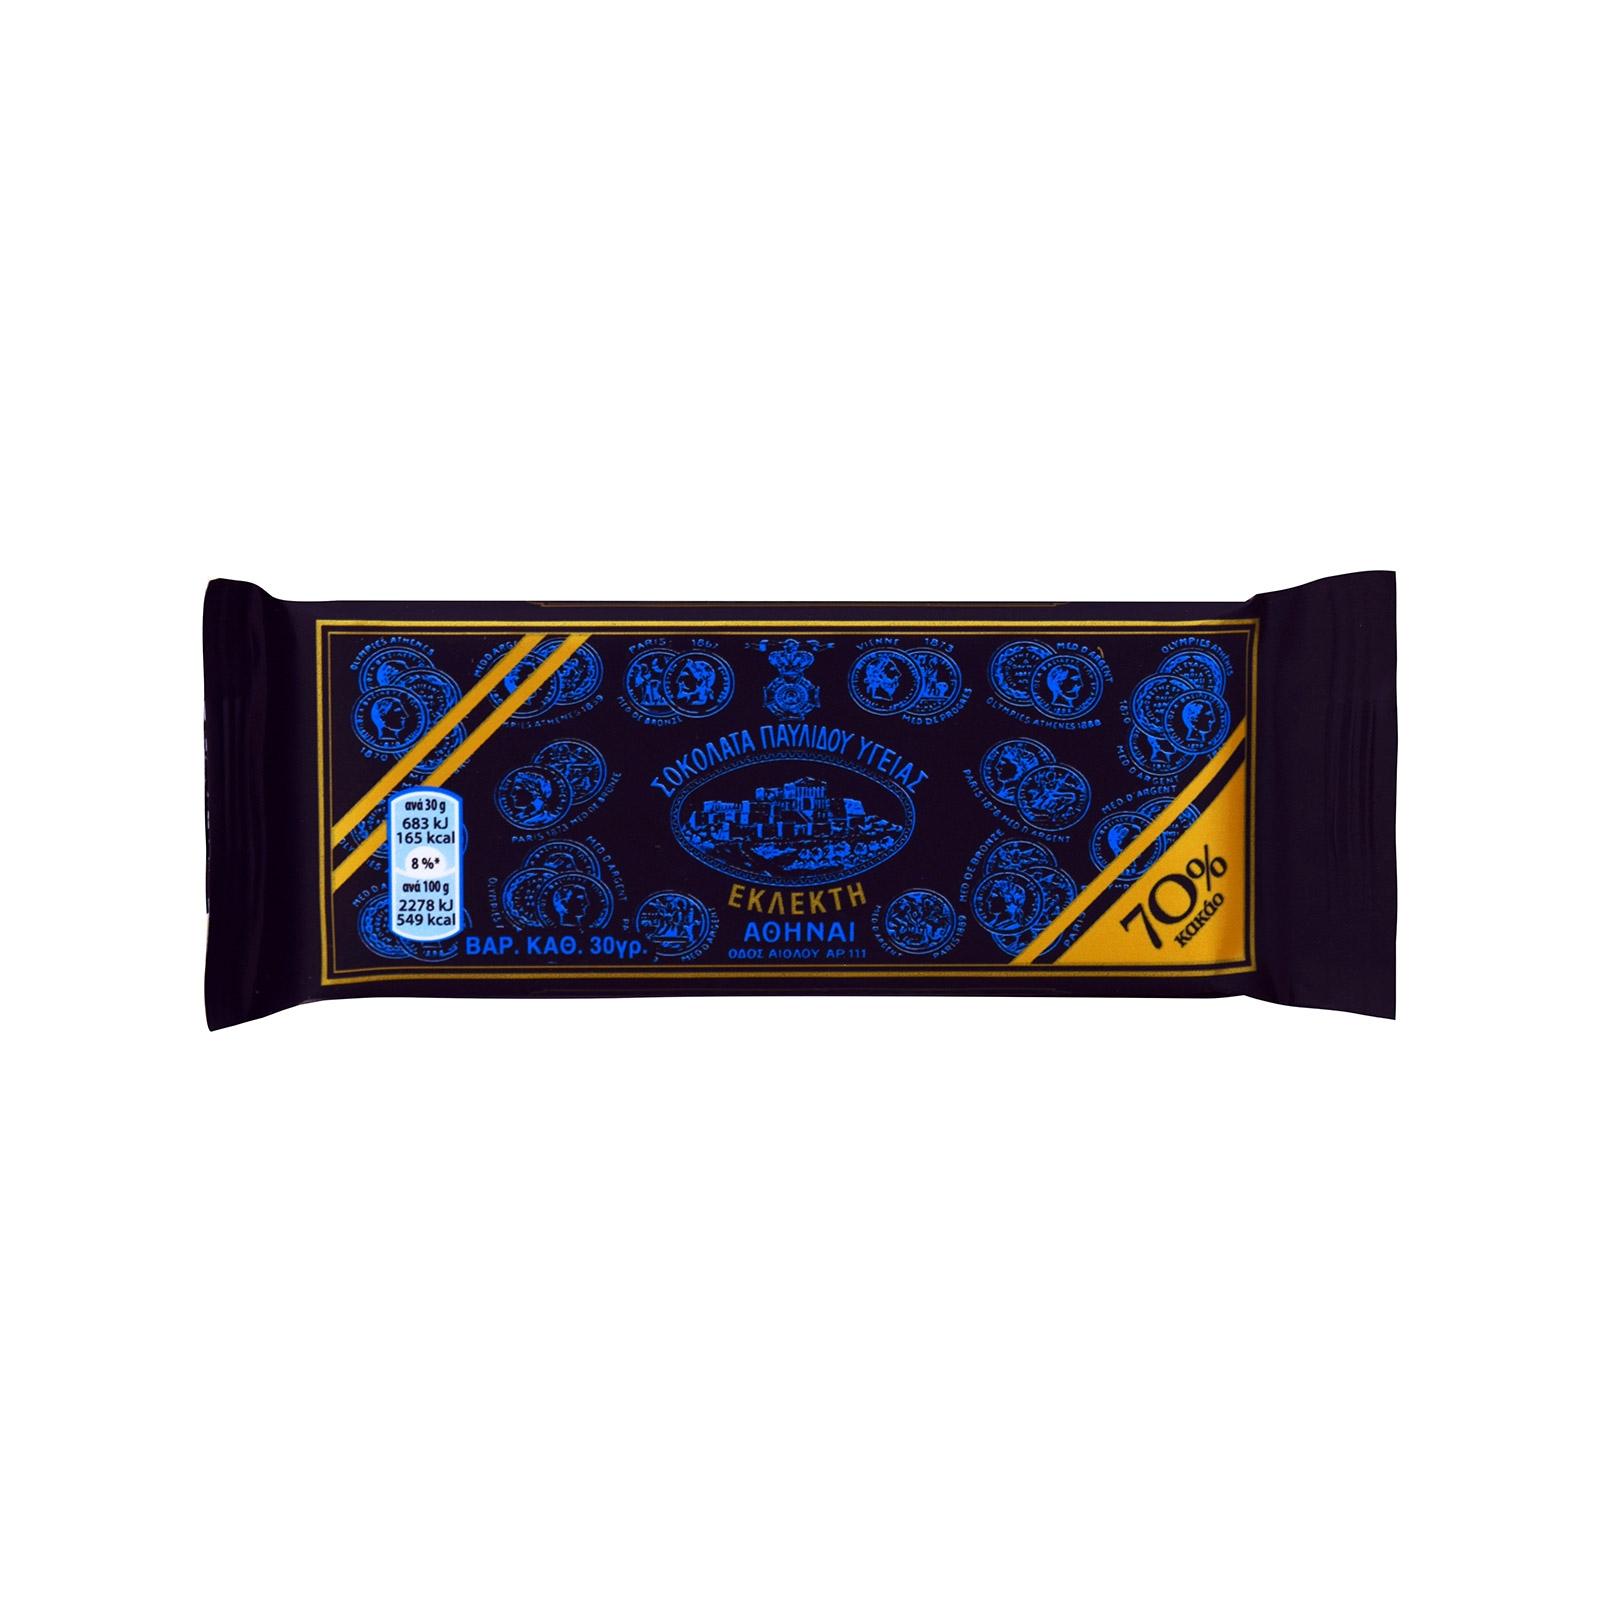 Σοκολάτα Υγείας 70% Κακάο Παυλίδης (30 g)